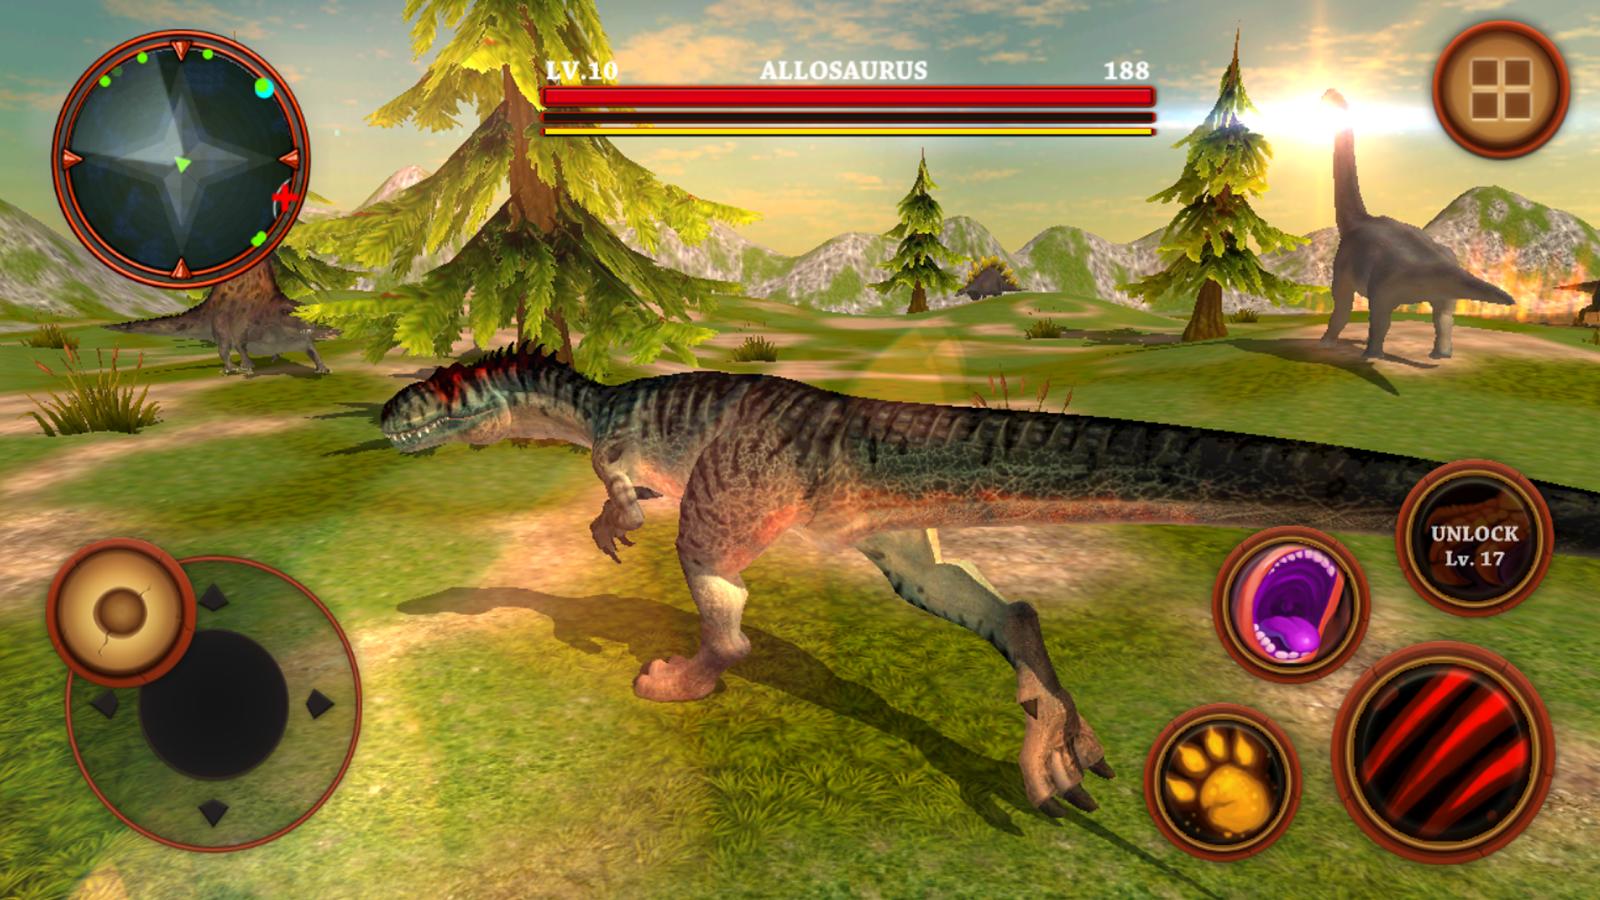 Скачать ultimate dinosaur simulator для андроид apkmen.